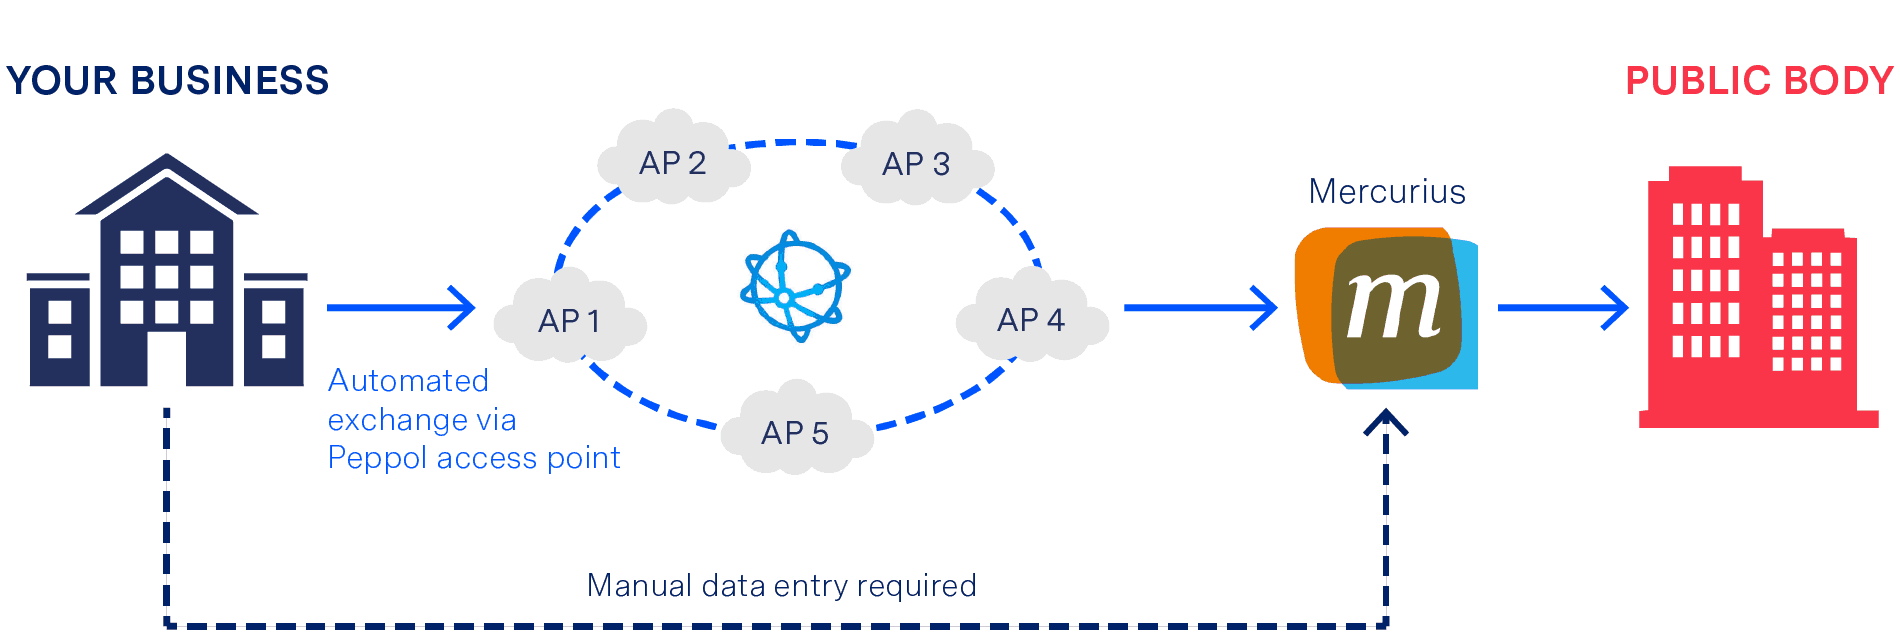 e-Invoicing in Belgium - Connection Methods